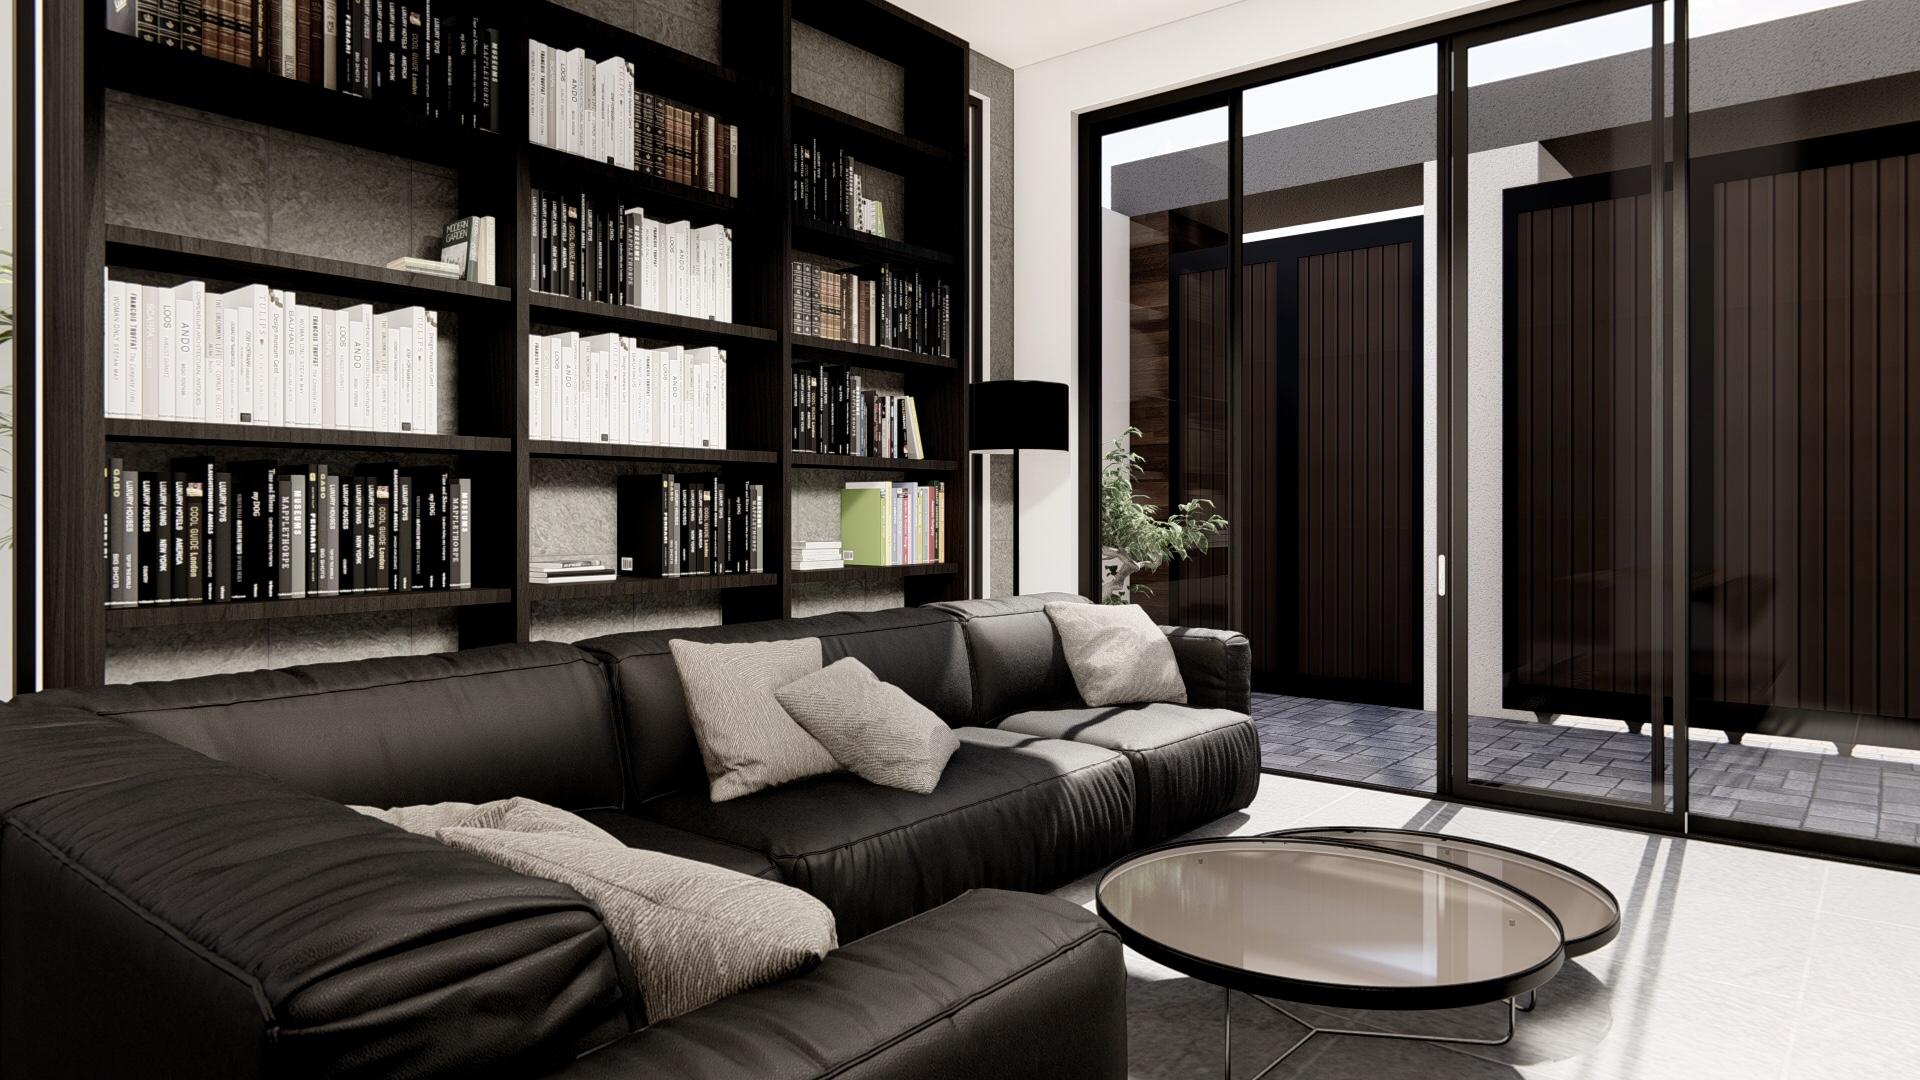 thiết kế nội thất Biệt Thự tại Gia Lai Modern villa 3 1565933995